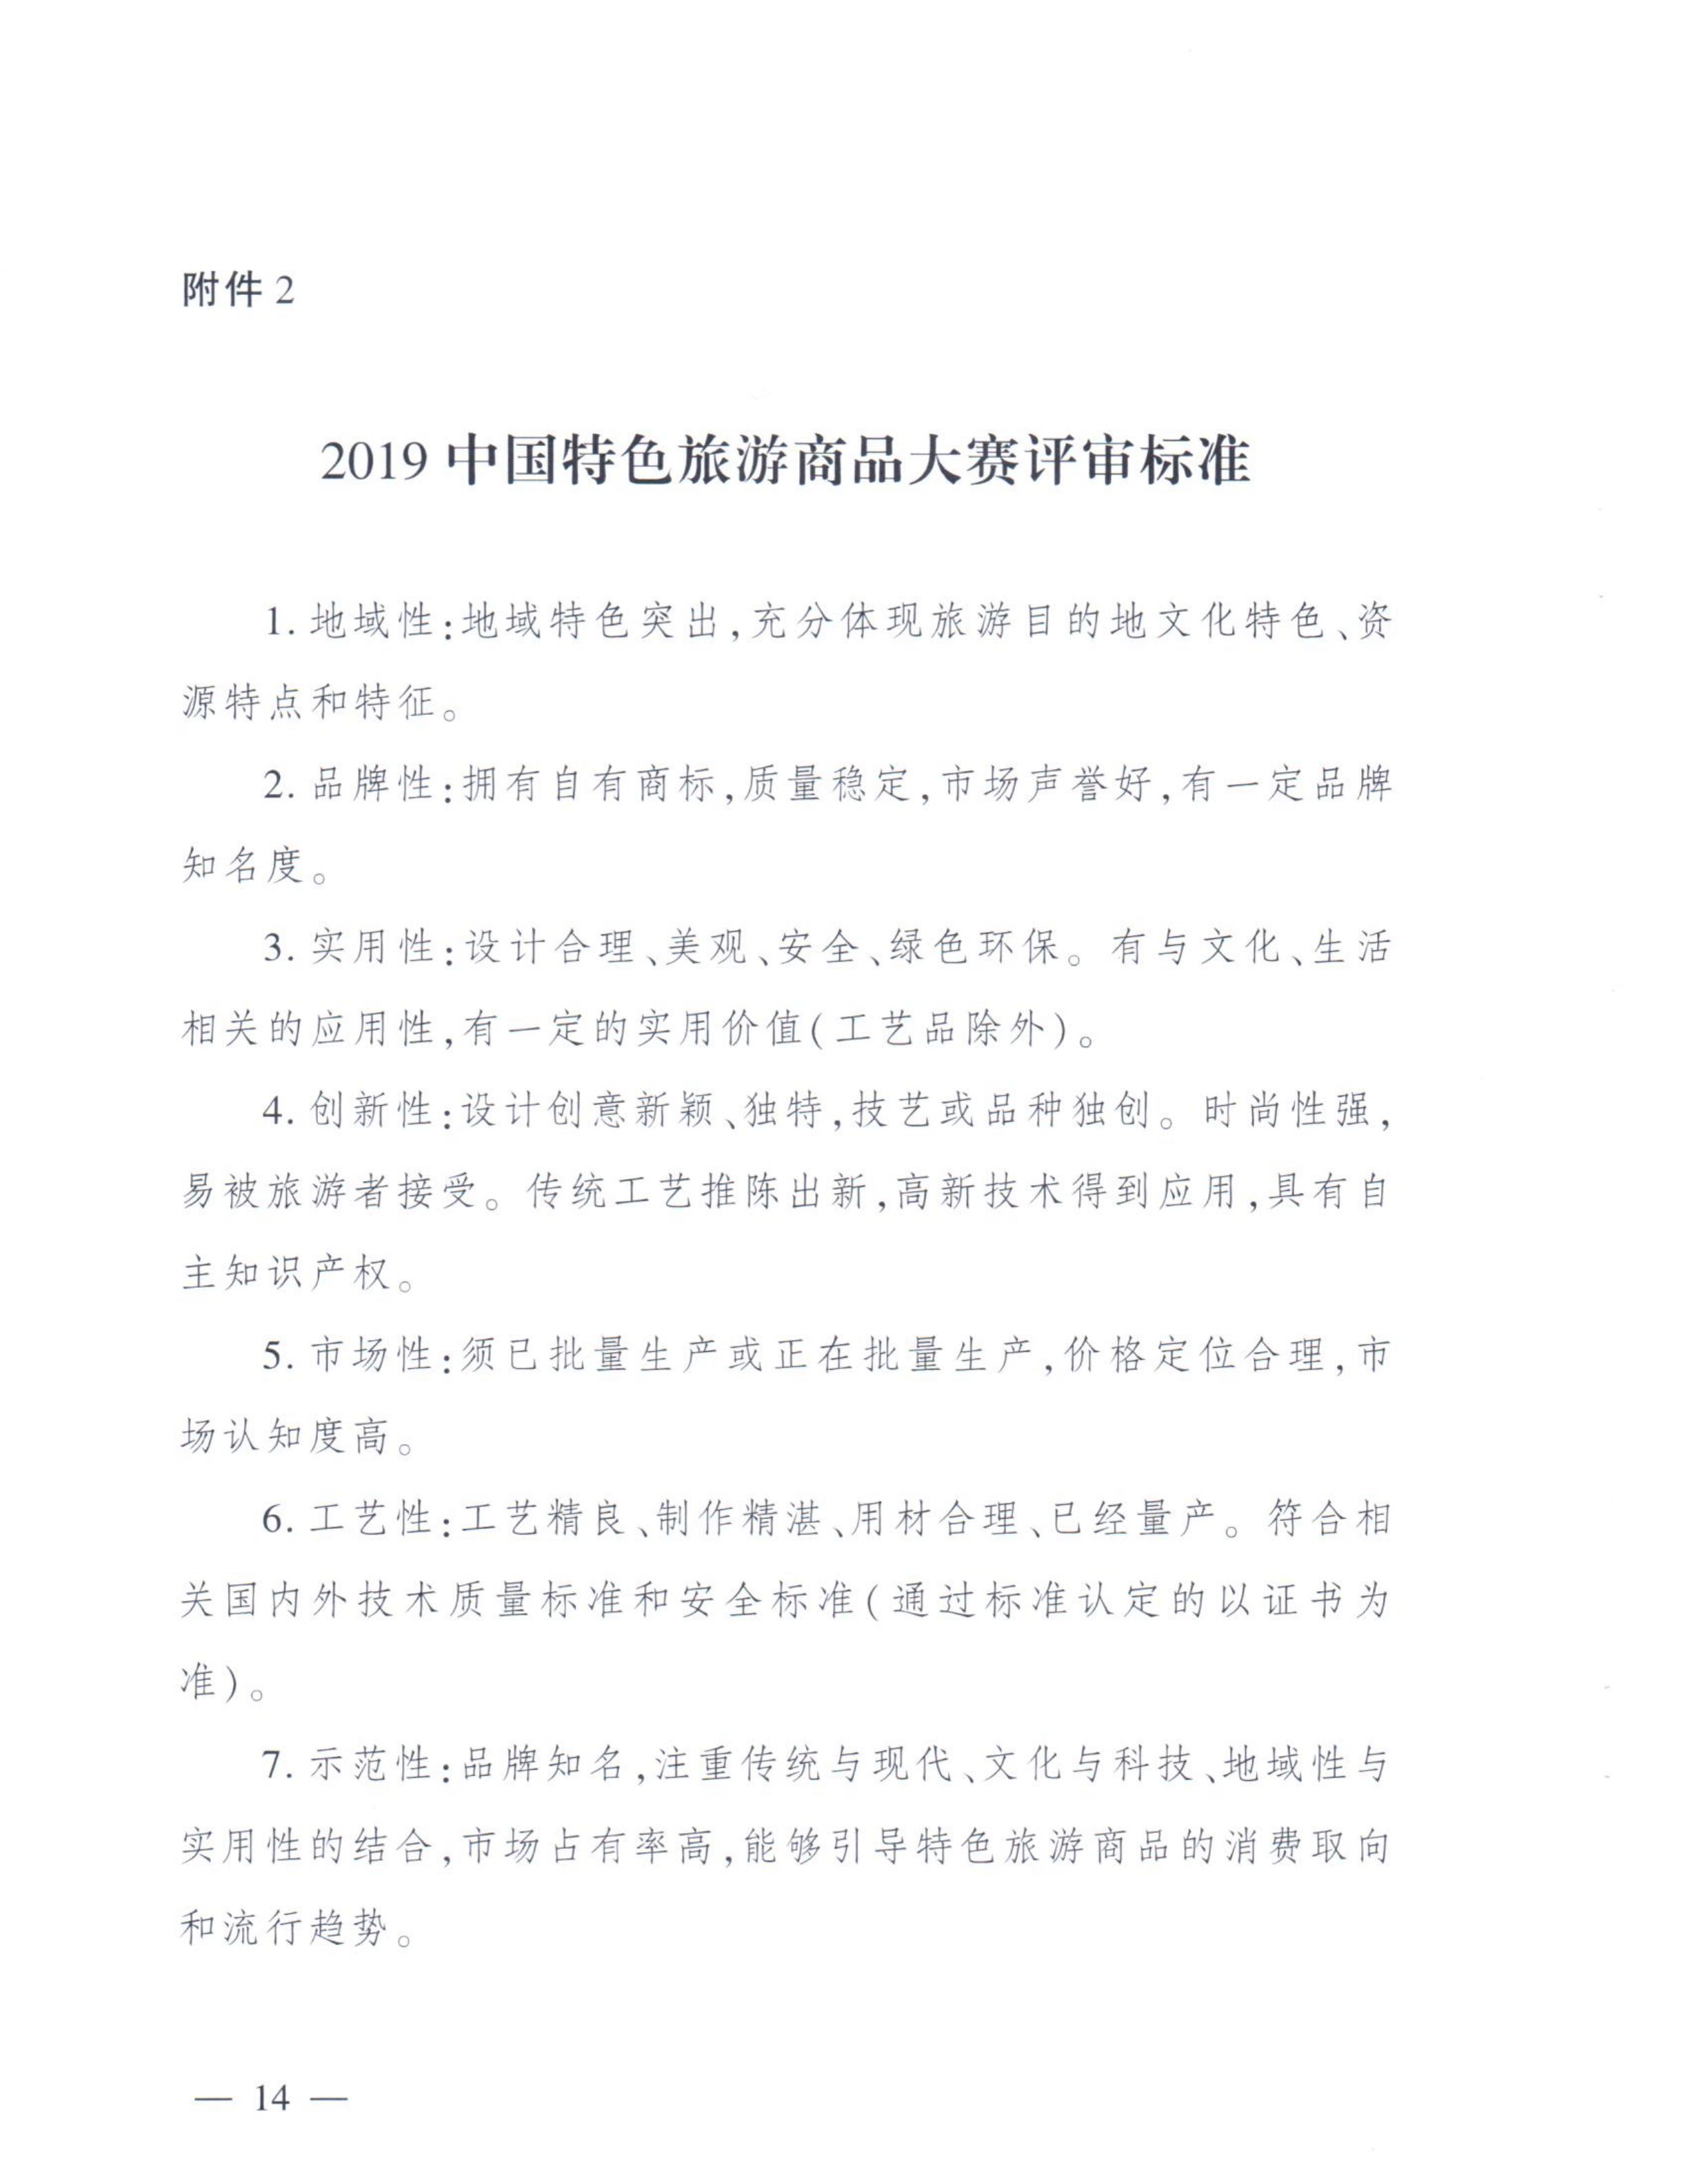 舉辦2019中國特色旅游商品大賽的通知-9-舉辦2019中國特色旅游商品大賽的通知-9_13